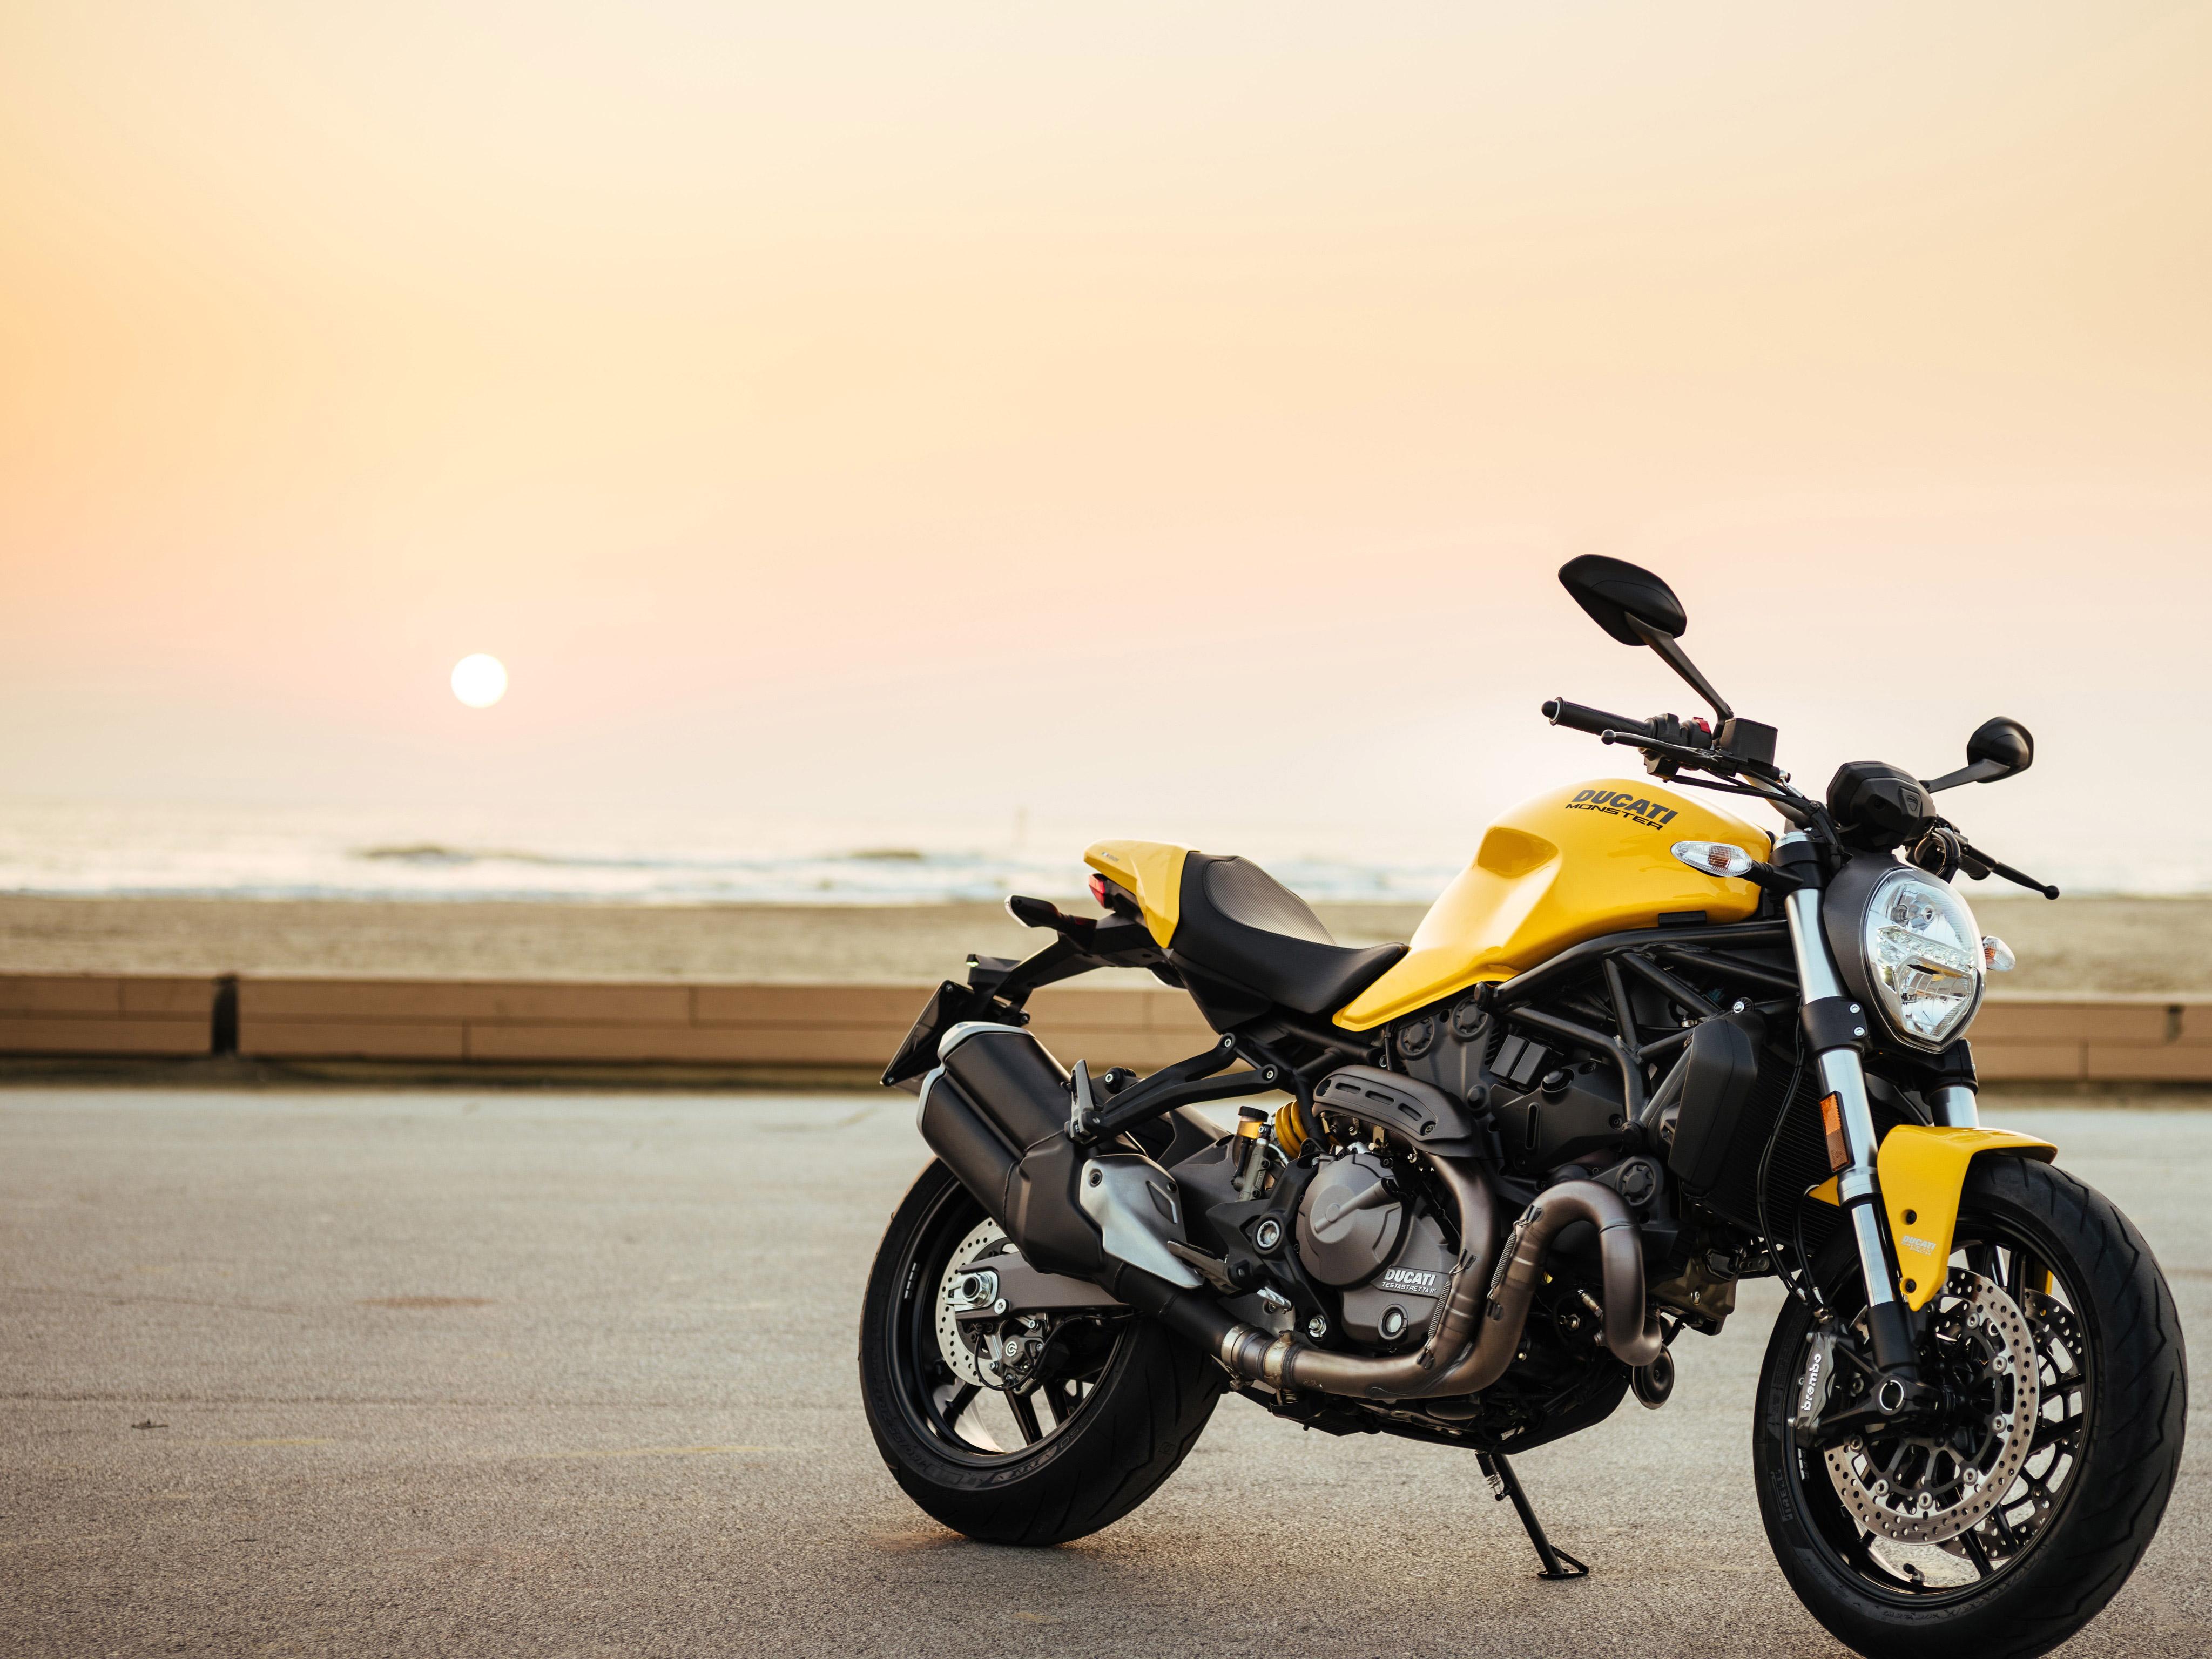 Ducati Monster 821 2017 4k